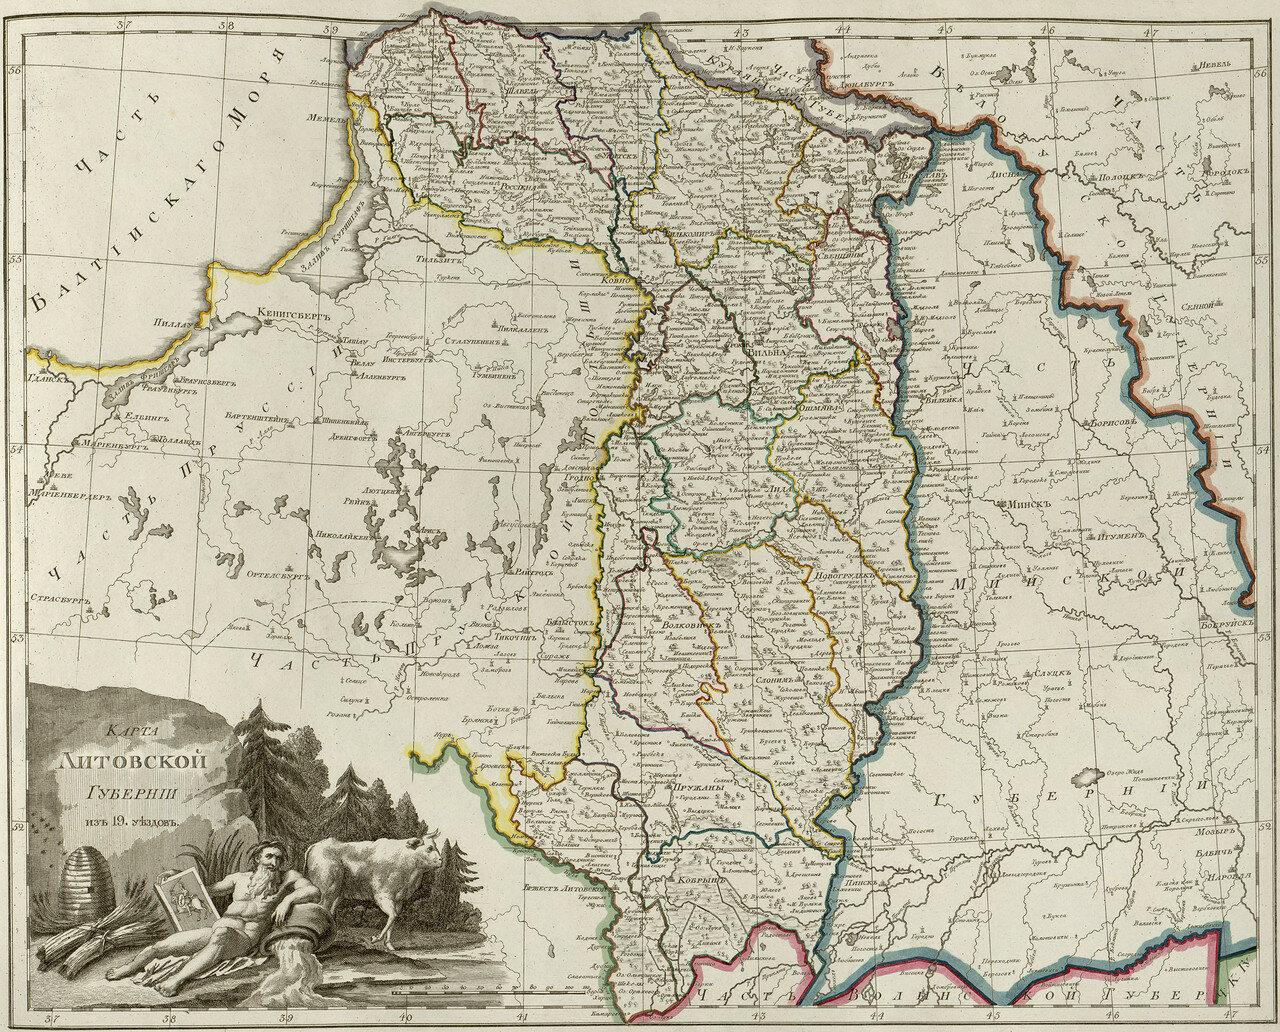 17. Карта Литовской губернии